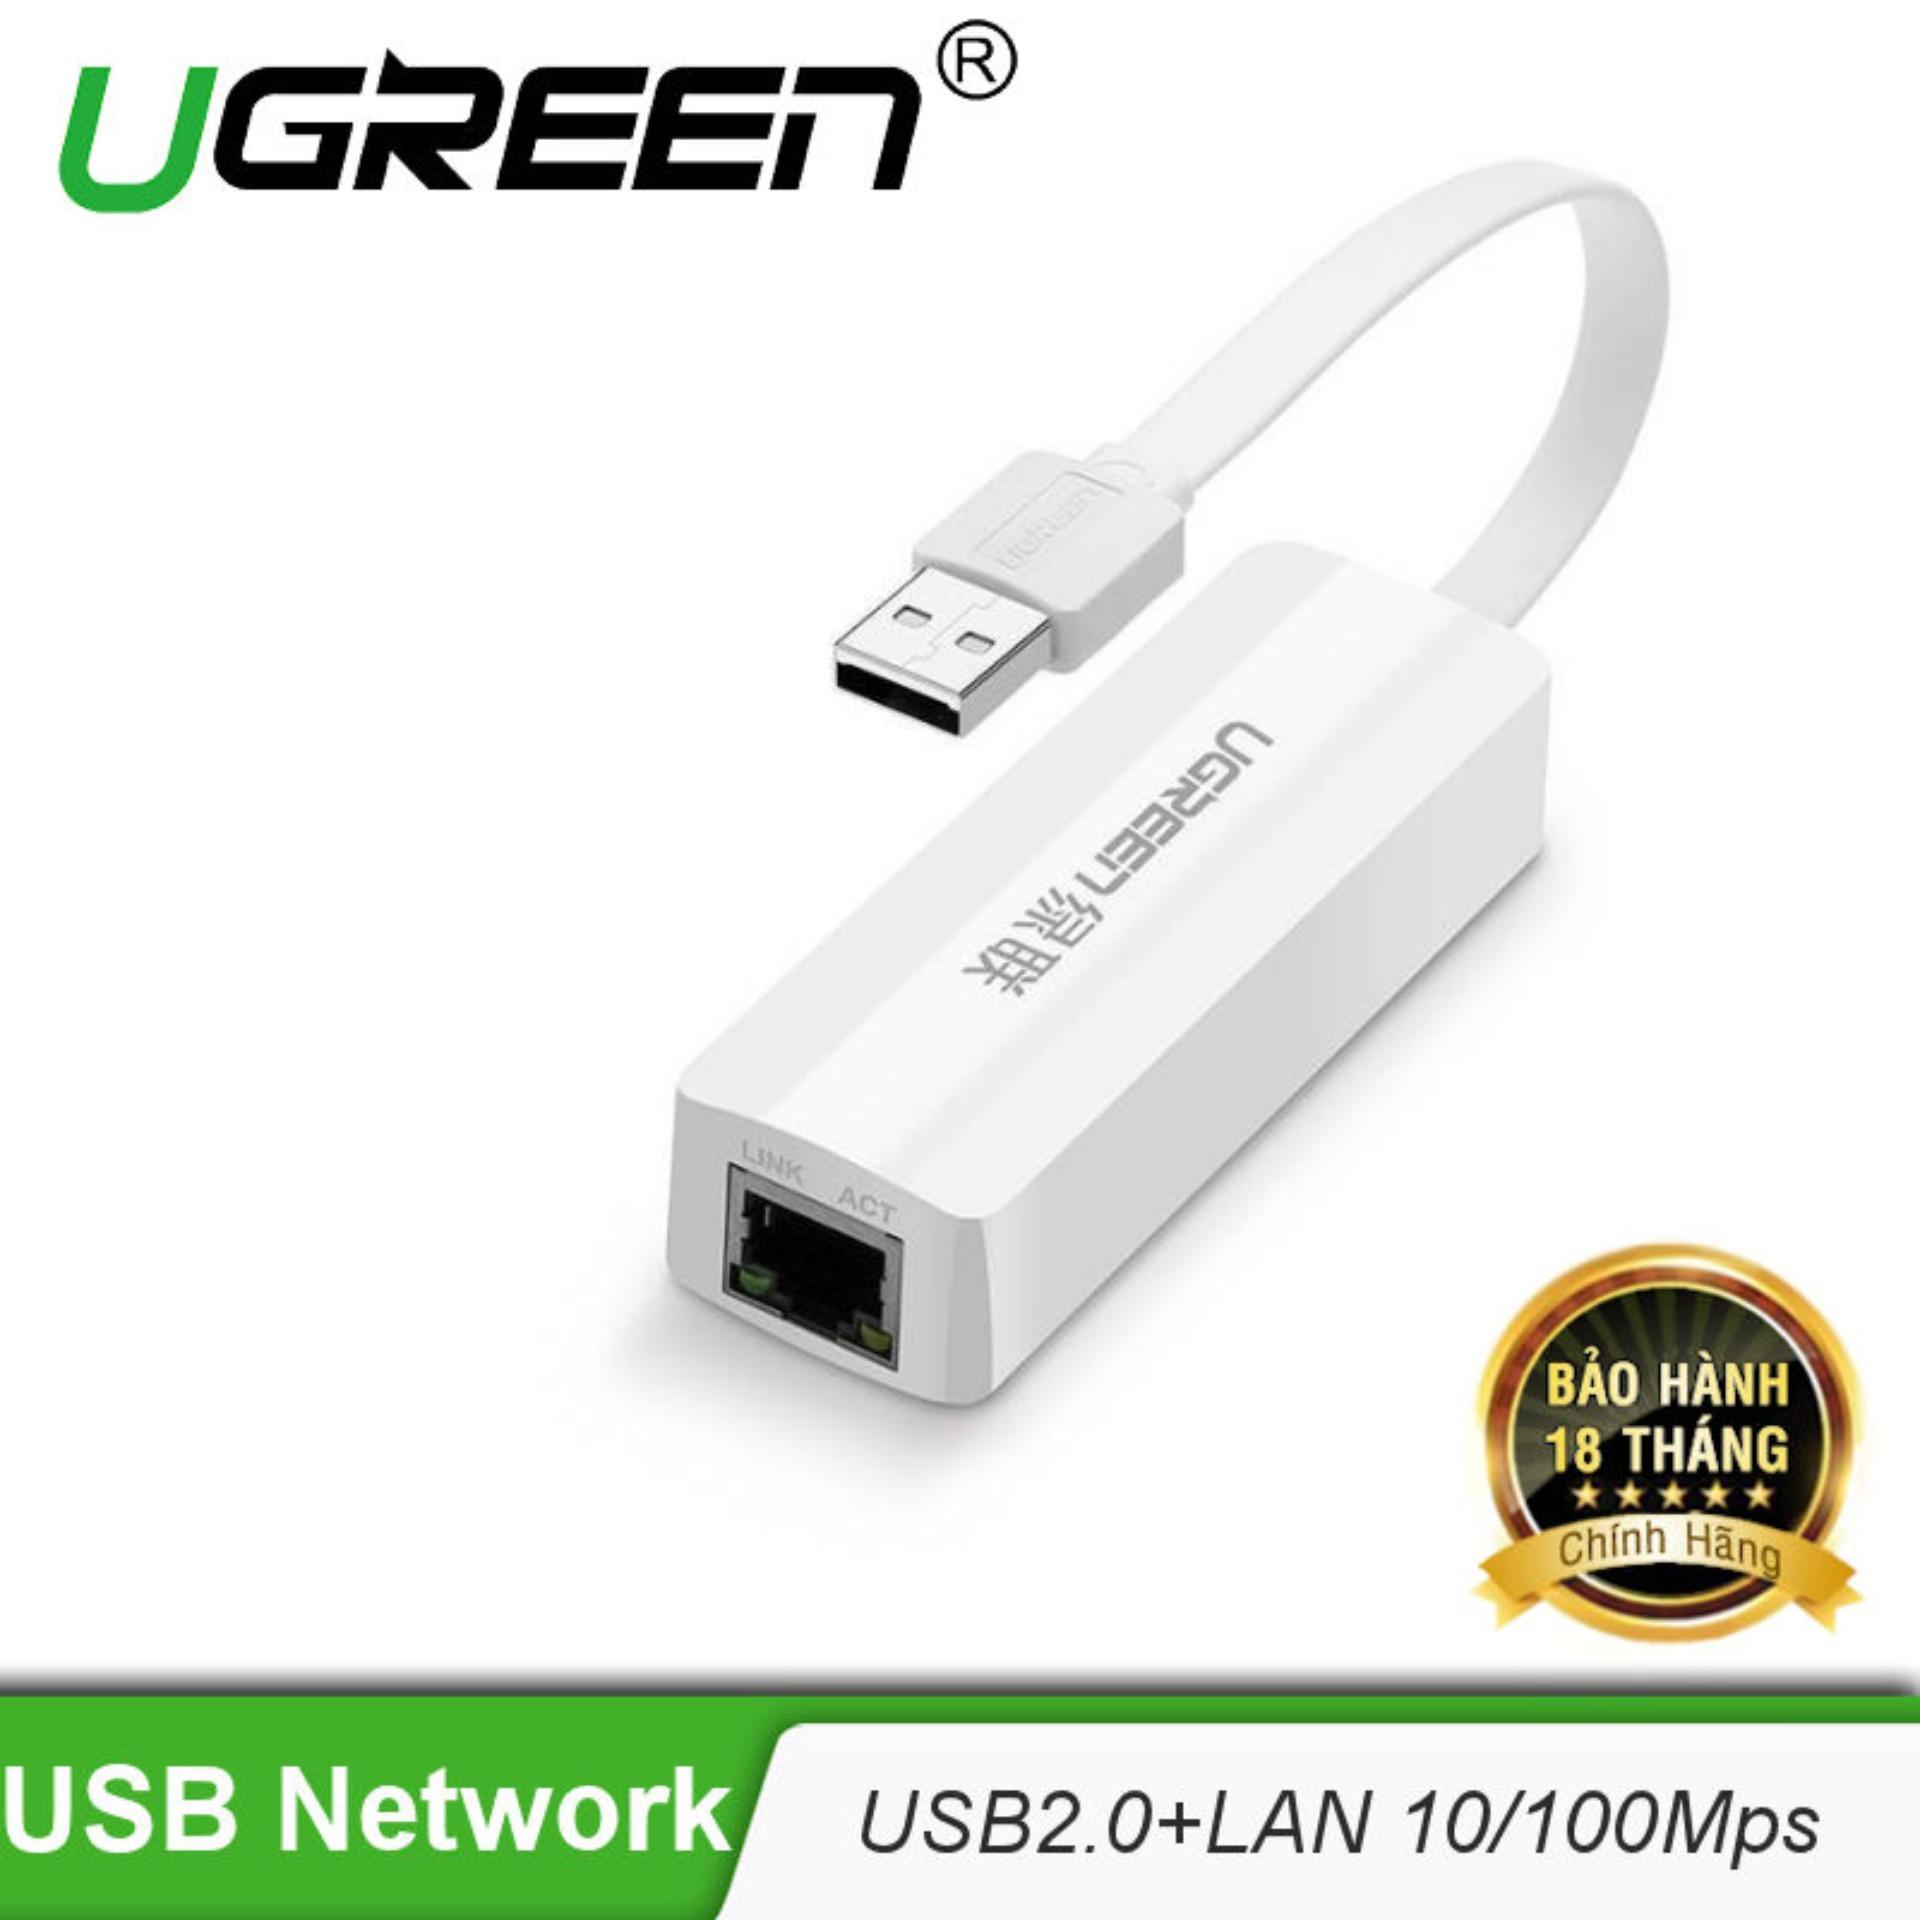 Bộ chuyển đổi USB 2.0 sang LAN 10/100 Mbps dây dẹt dài 10cm UGREEN 20268 (màu trắng) – Hãng phân phối chính thức.